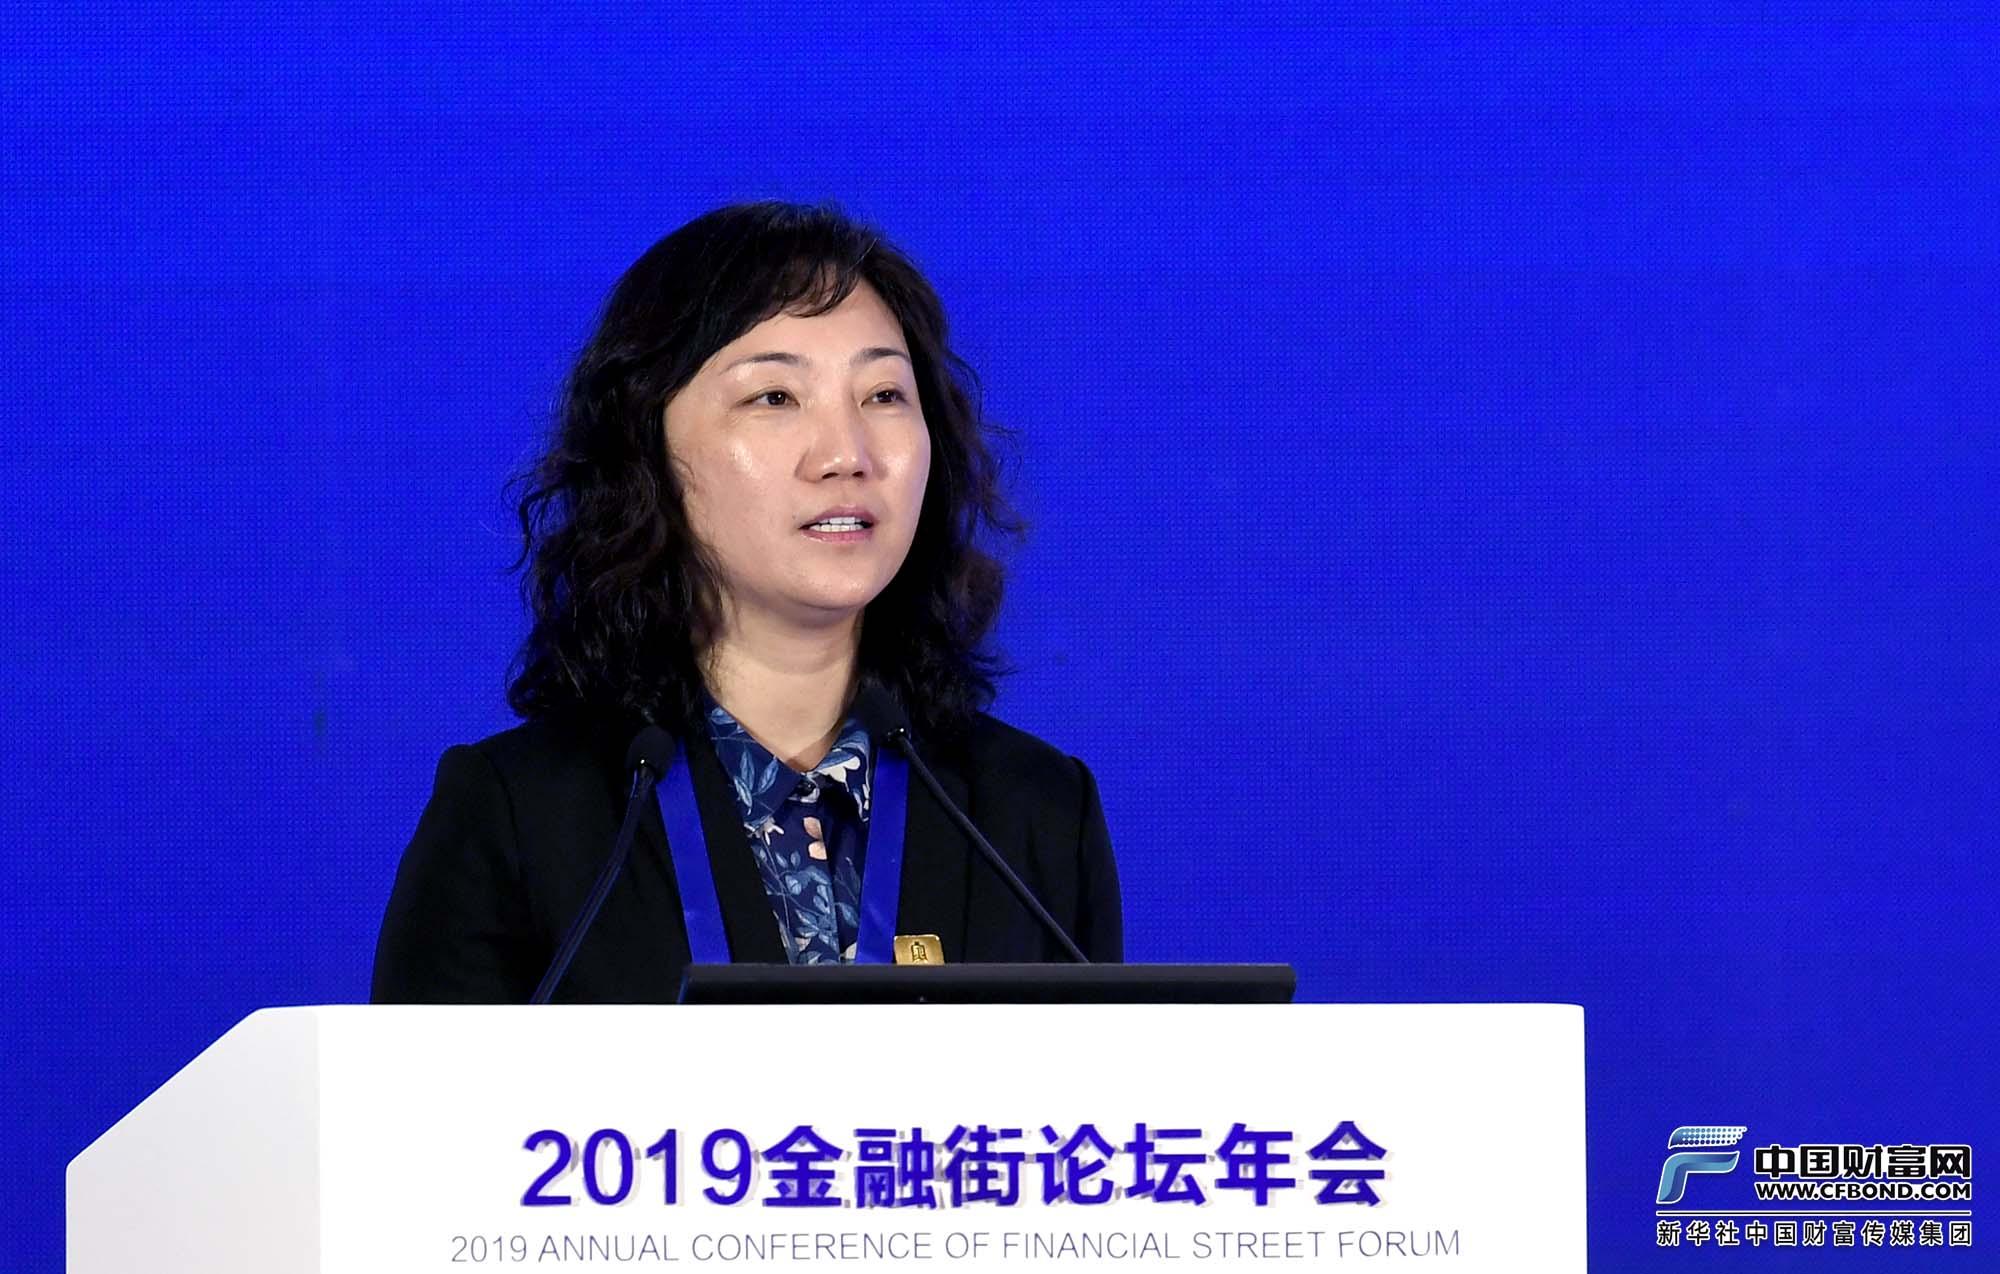 中国证券业协会副会长孟宥慈